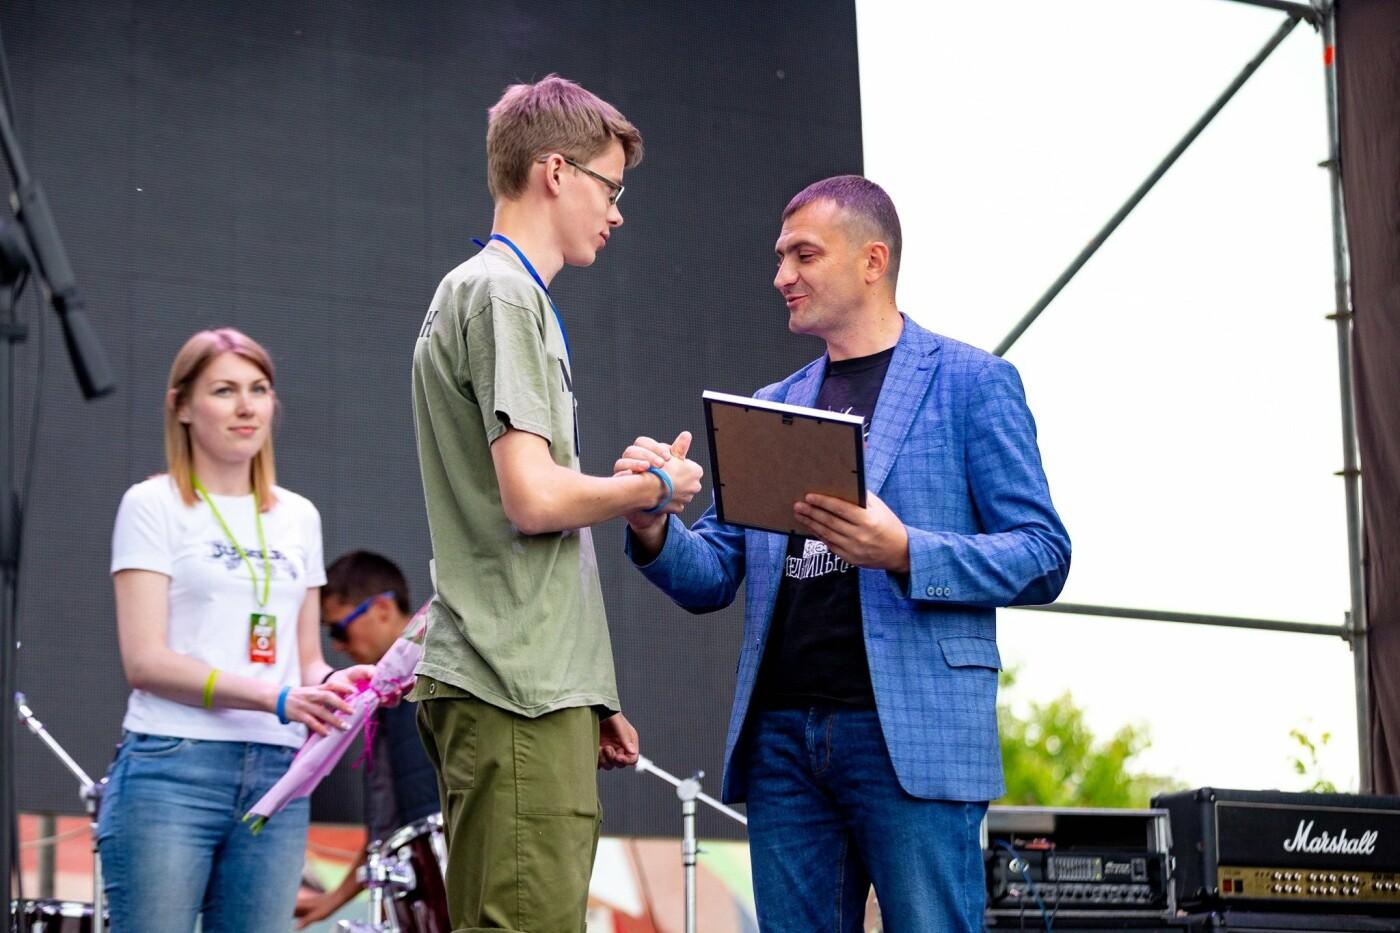 У Хмельницькому пройшов молодіжний фестиваль до Дня Молоді (фото), фото-8